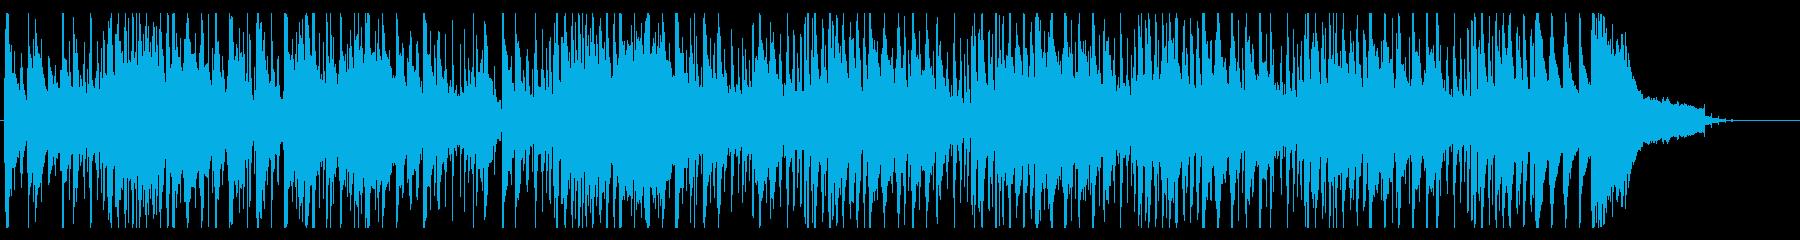 知的でシンプルなジャズの再生済みの波形